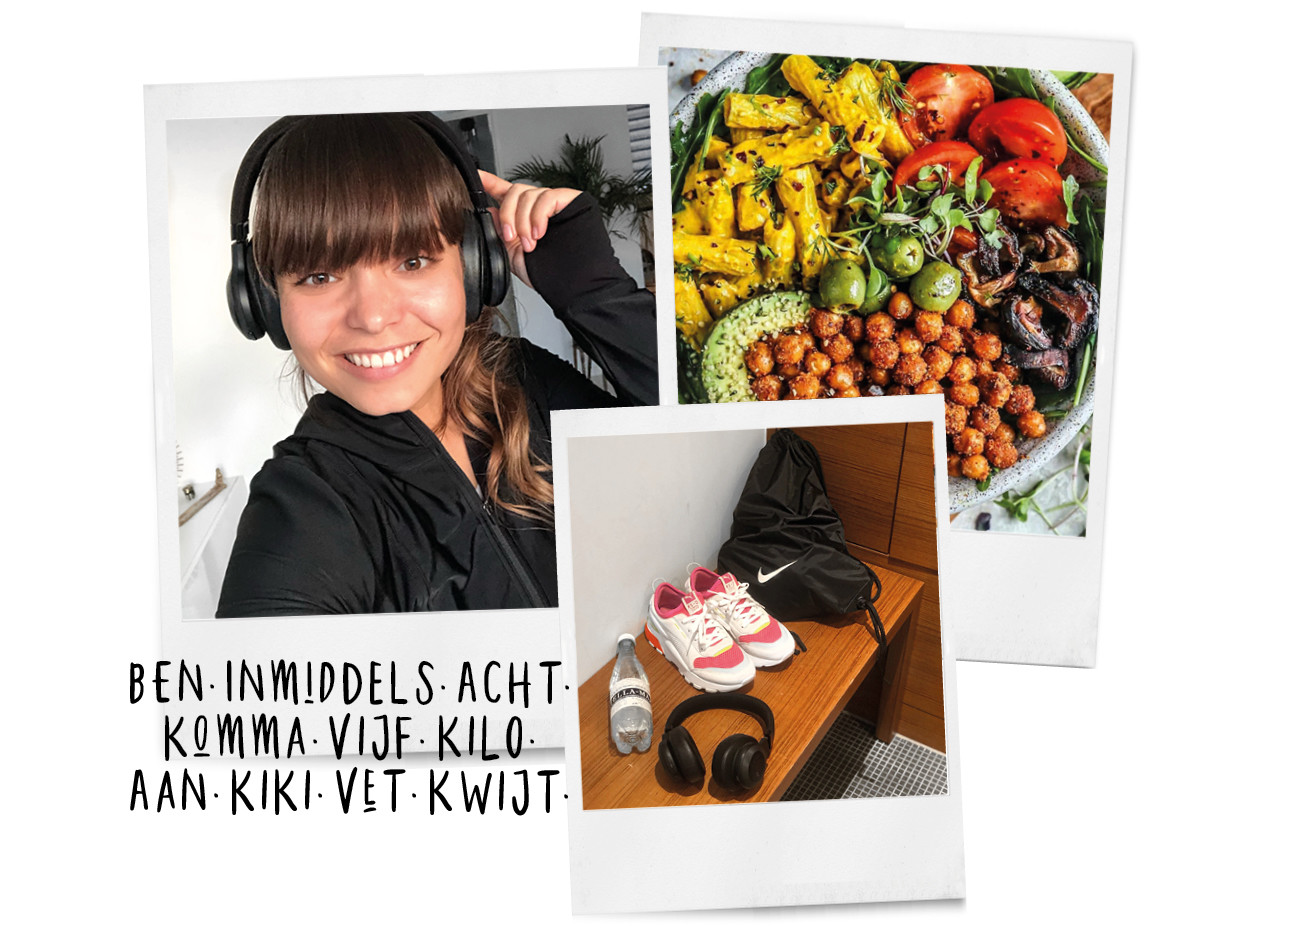 Kiki dieetdagboek kiki aan het sporten met sportkleding en een bord vol met eten